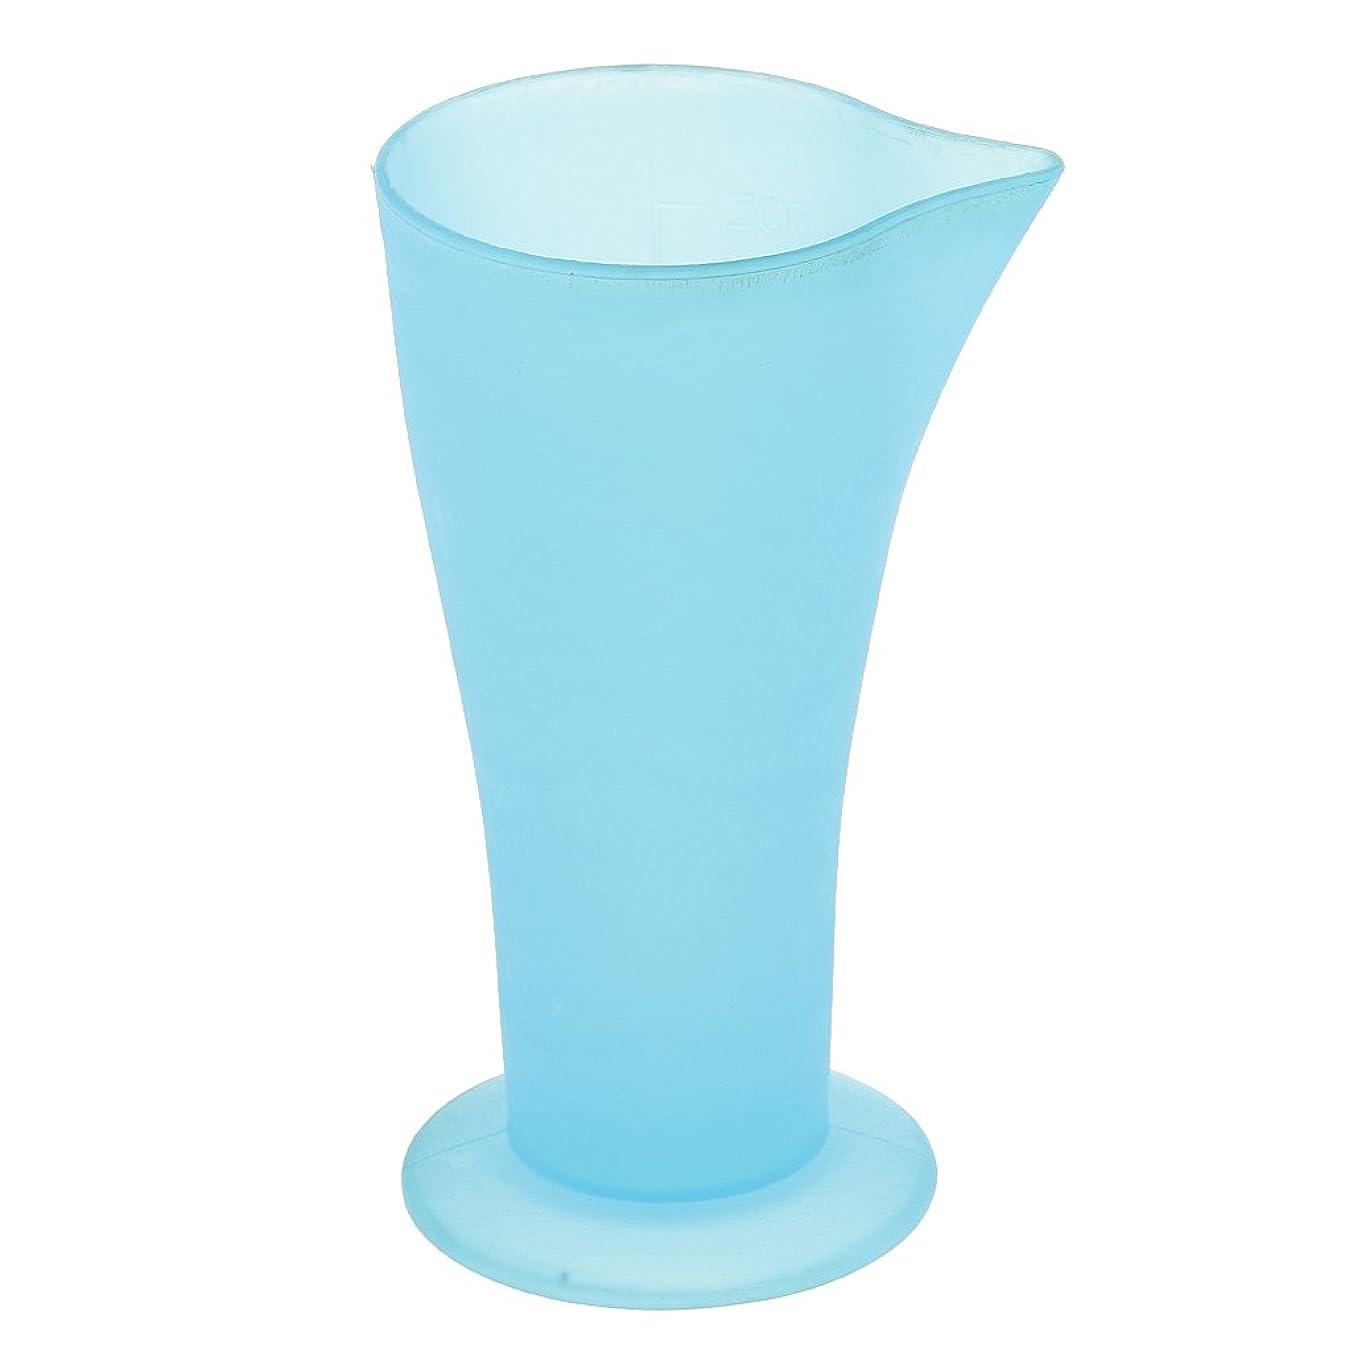 診療所磁石先にKesoto 計量カップ ヘアダイカップ ヘアカラーカップ ヘアダイ容器 ブルー プラスチック 再使用可能 髪型 サロン 髪の色合い 色測定カップ